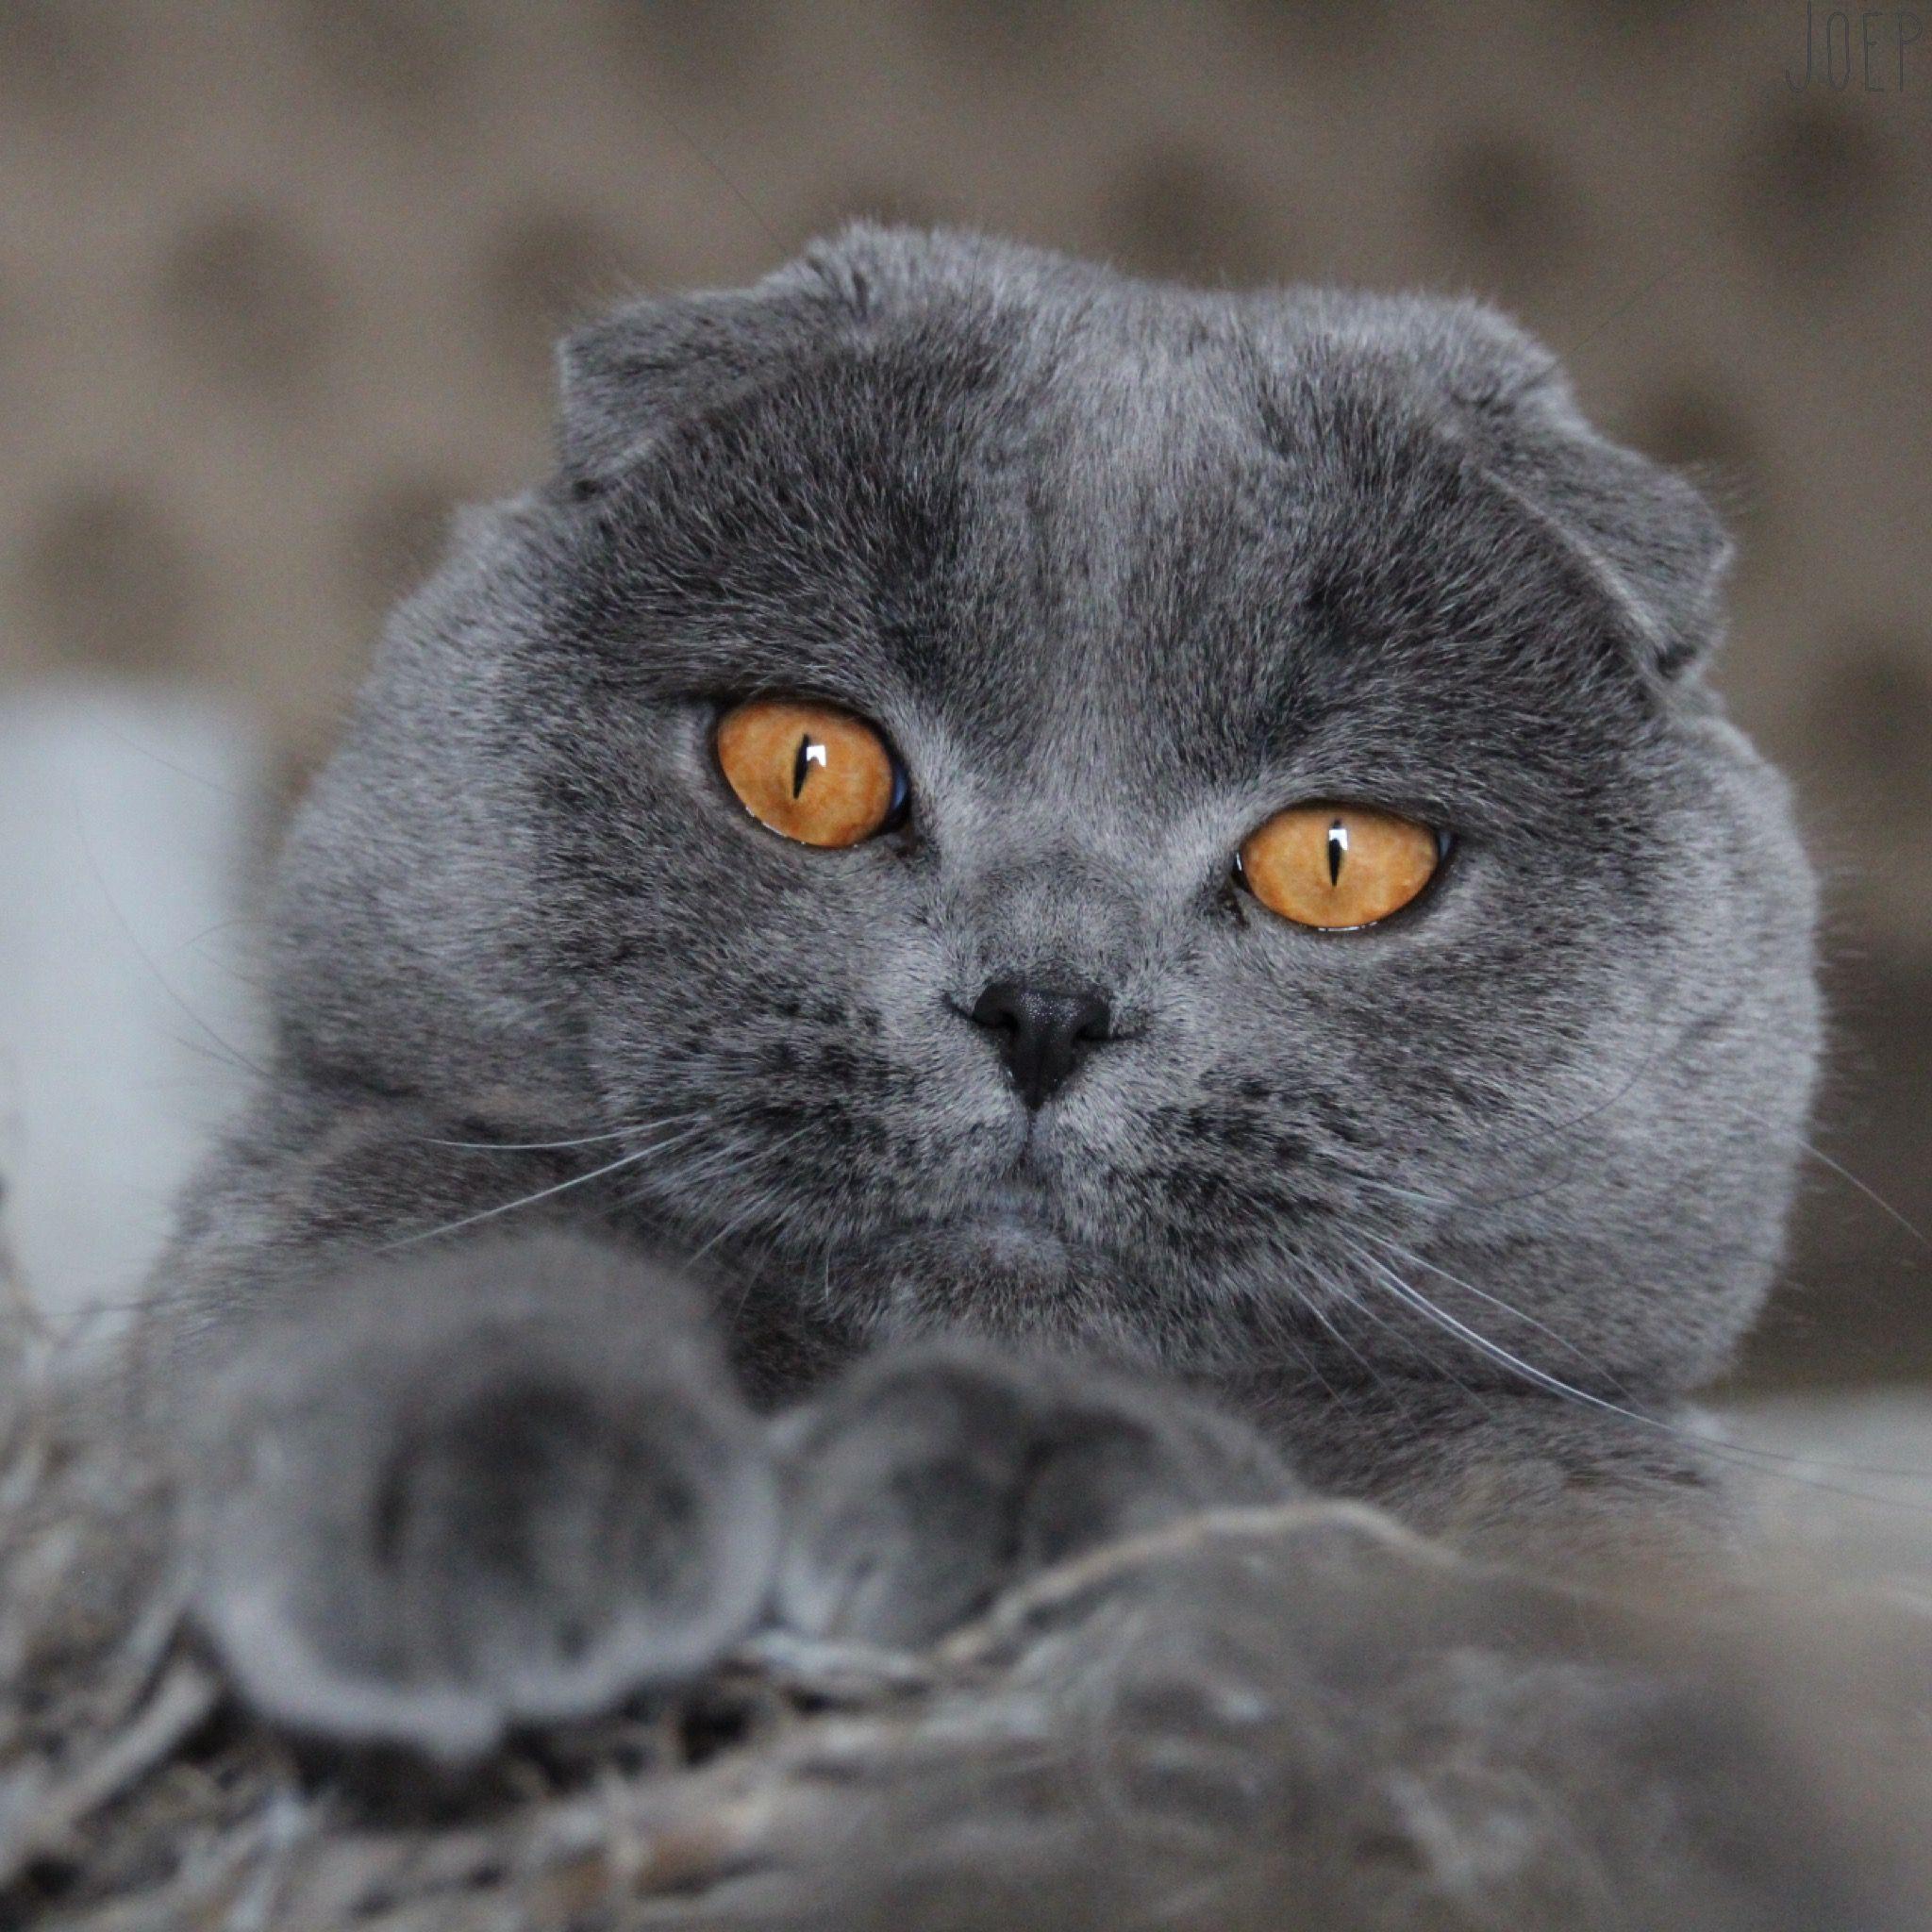 модели, которые фото кошек шотландцев вислоухих здесь они такие